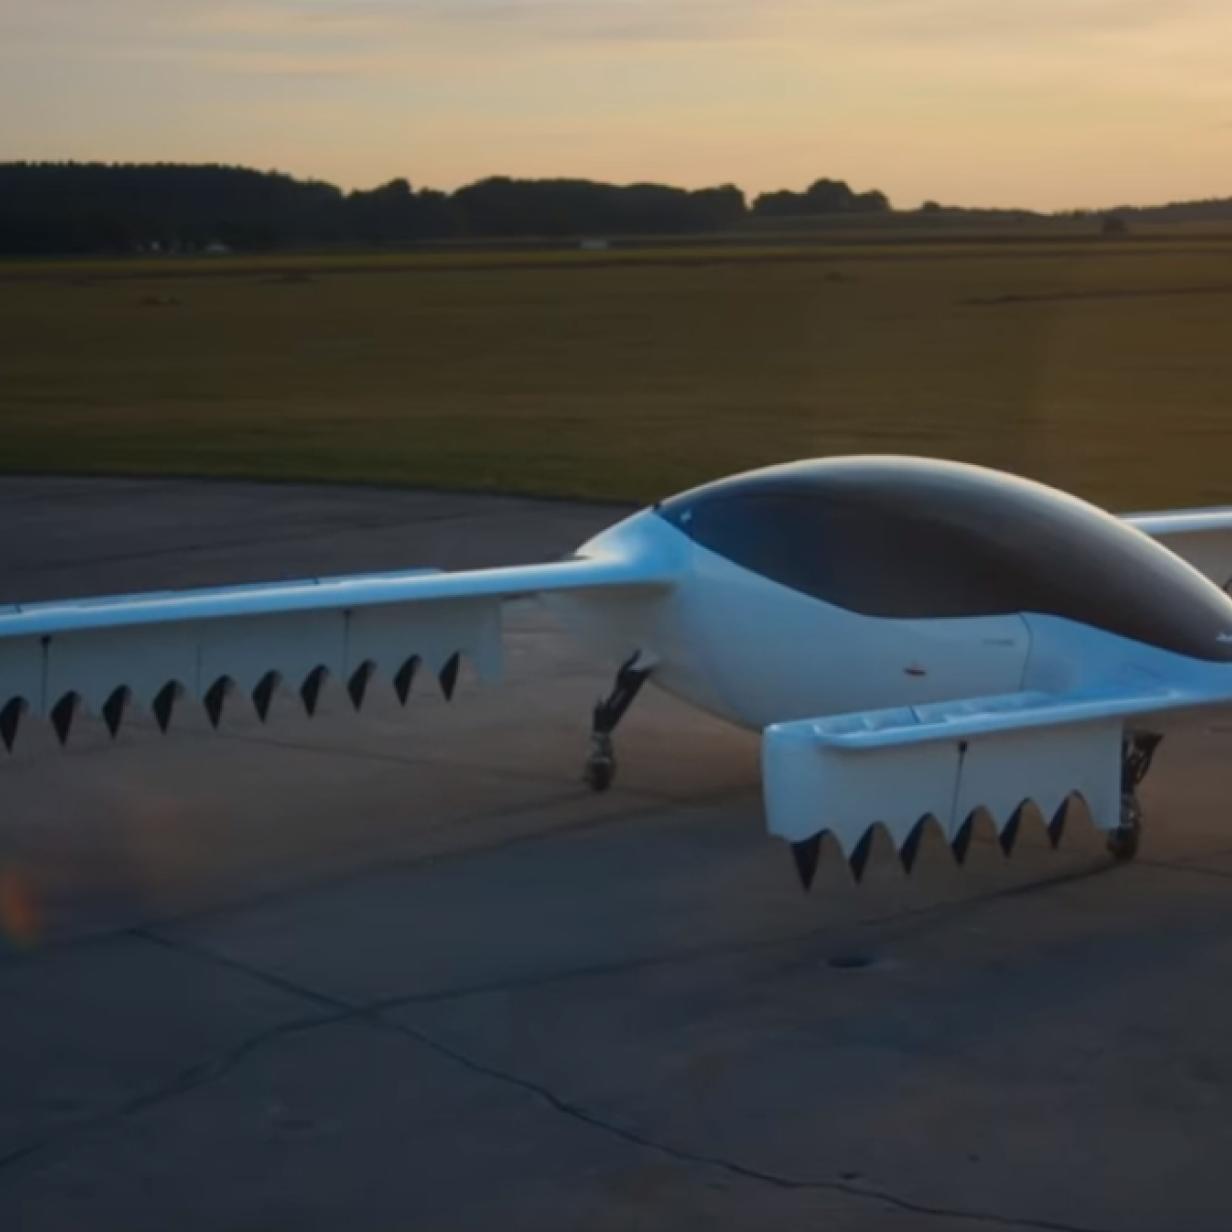 Video: Liliums Flugtaxi absolviert erfolgreichen Testflug mit 100 km/h